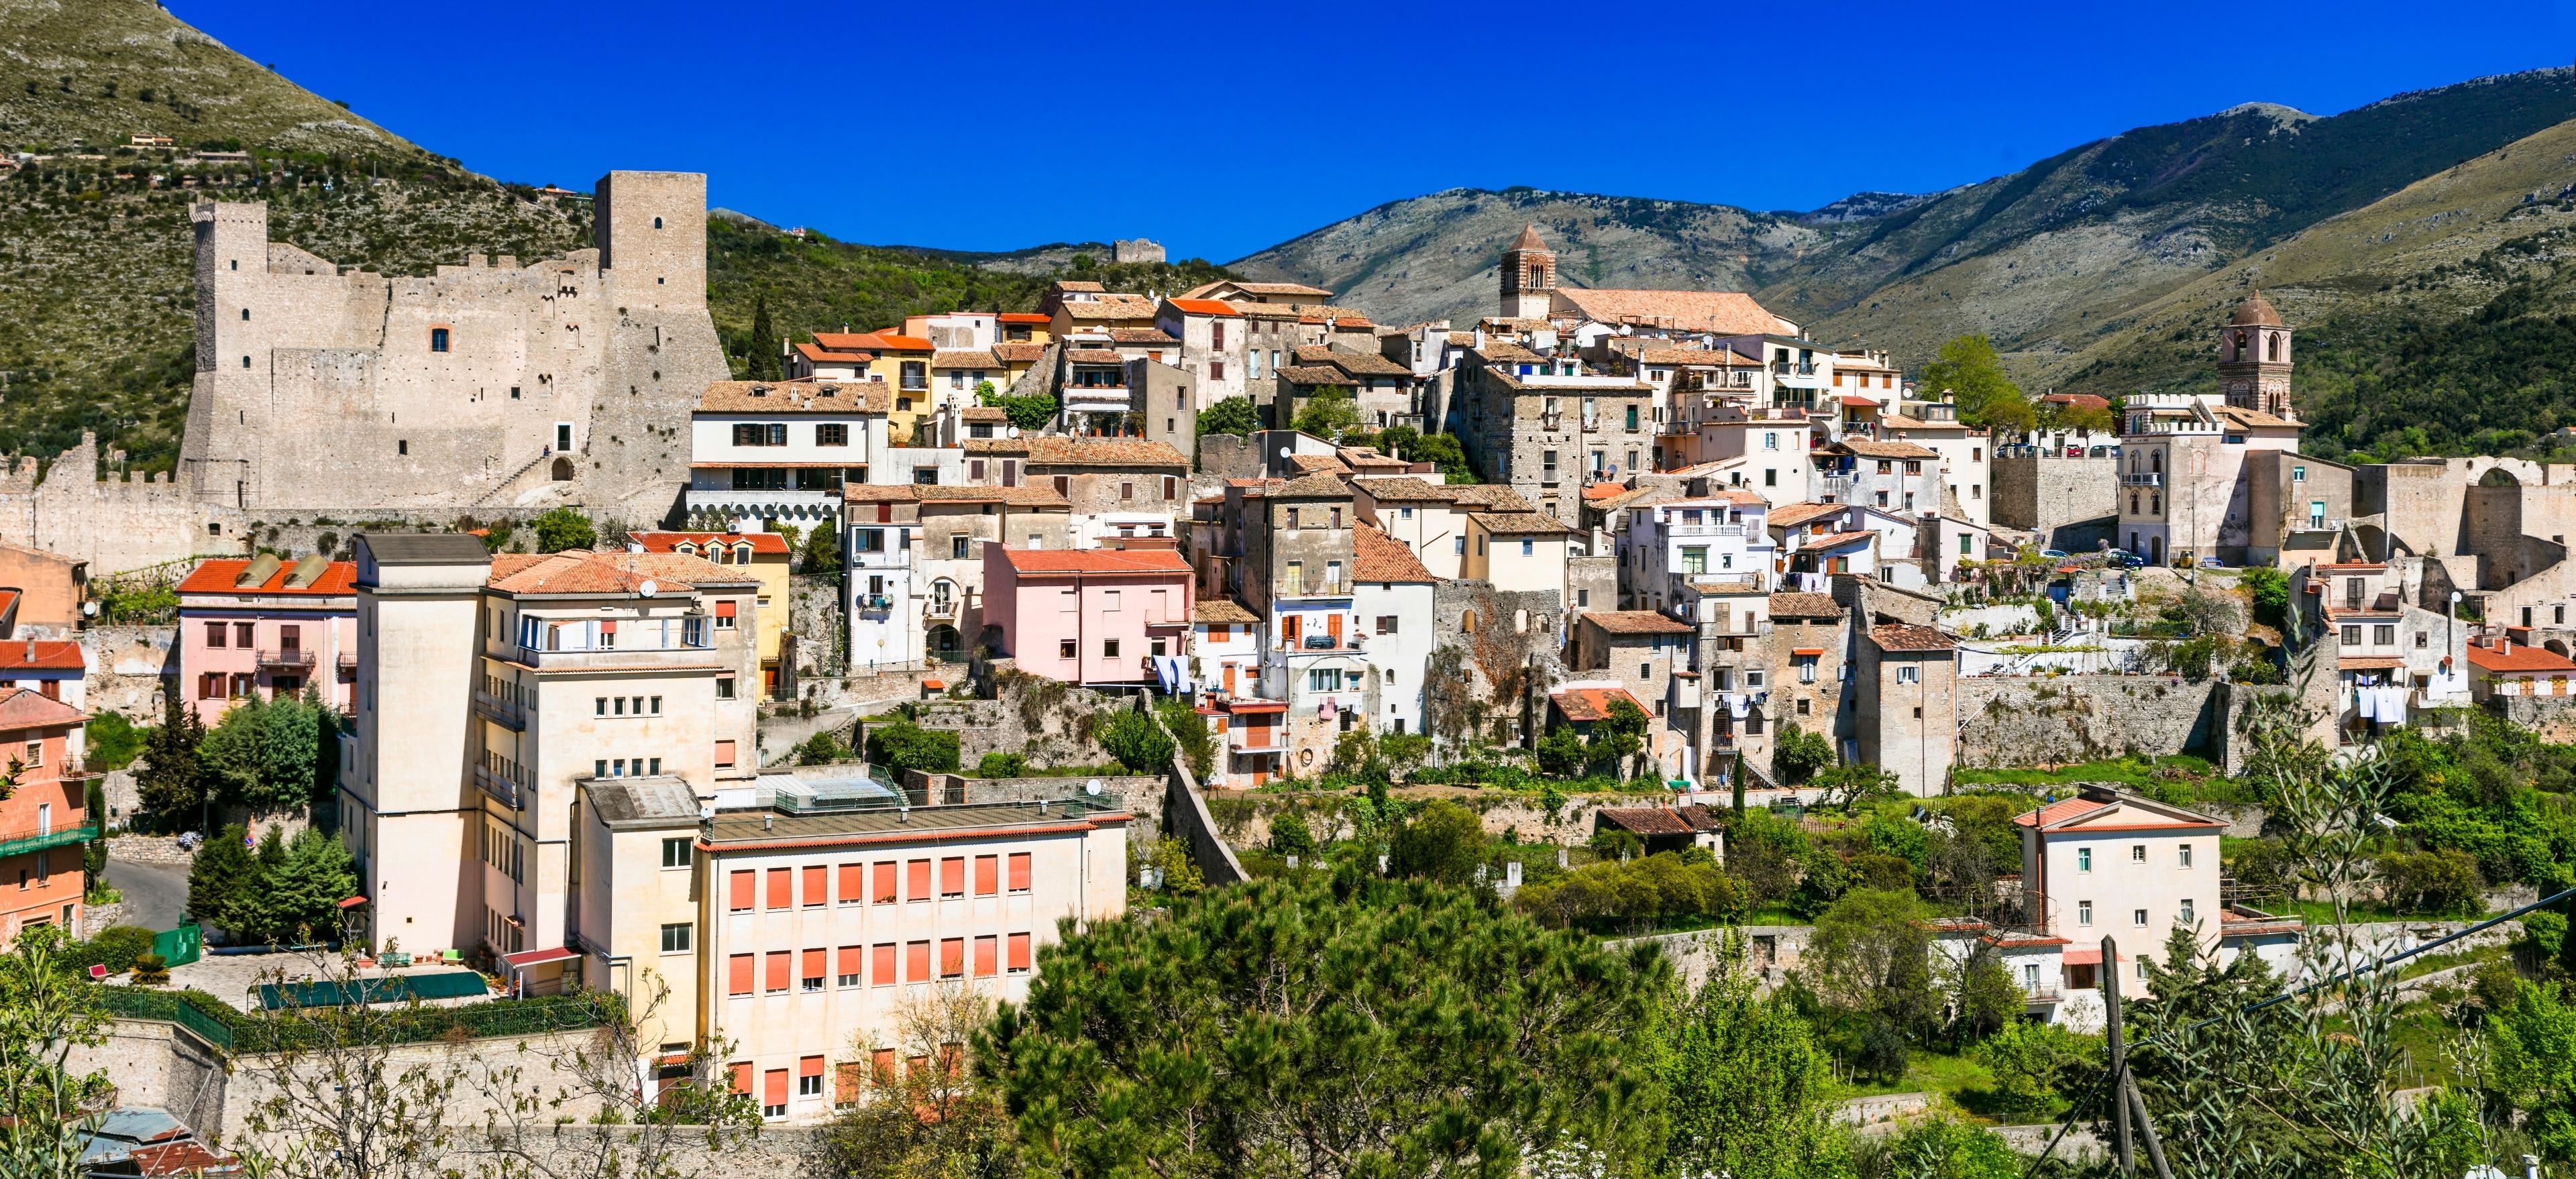 Itri, Lazio, Italy